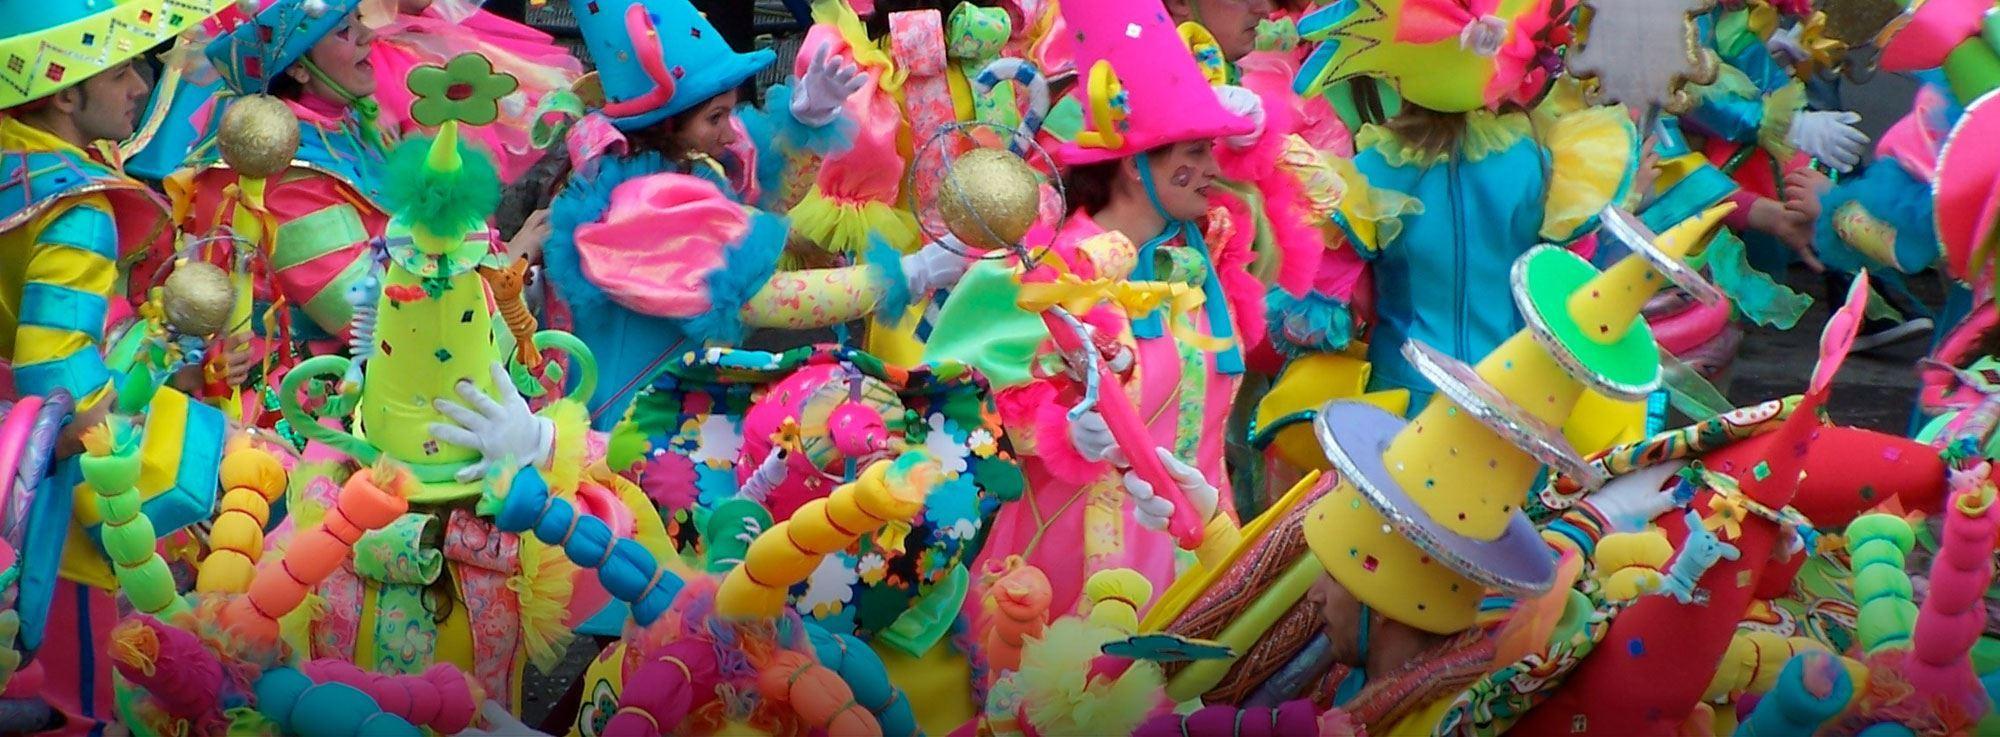 Martignano: Carnevale di Martignano e della Grecìa Salentina